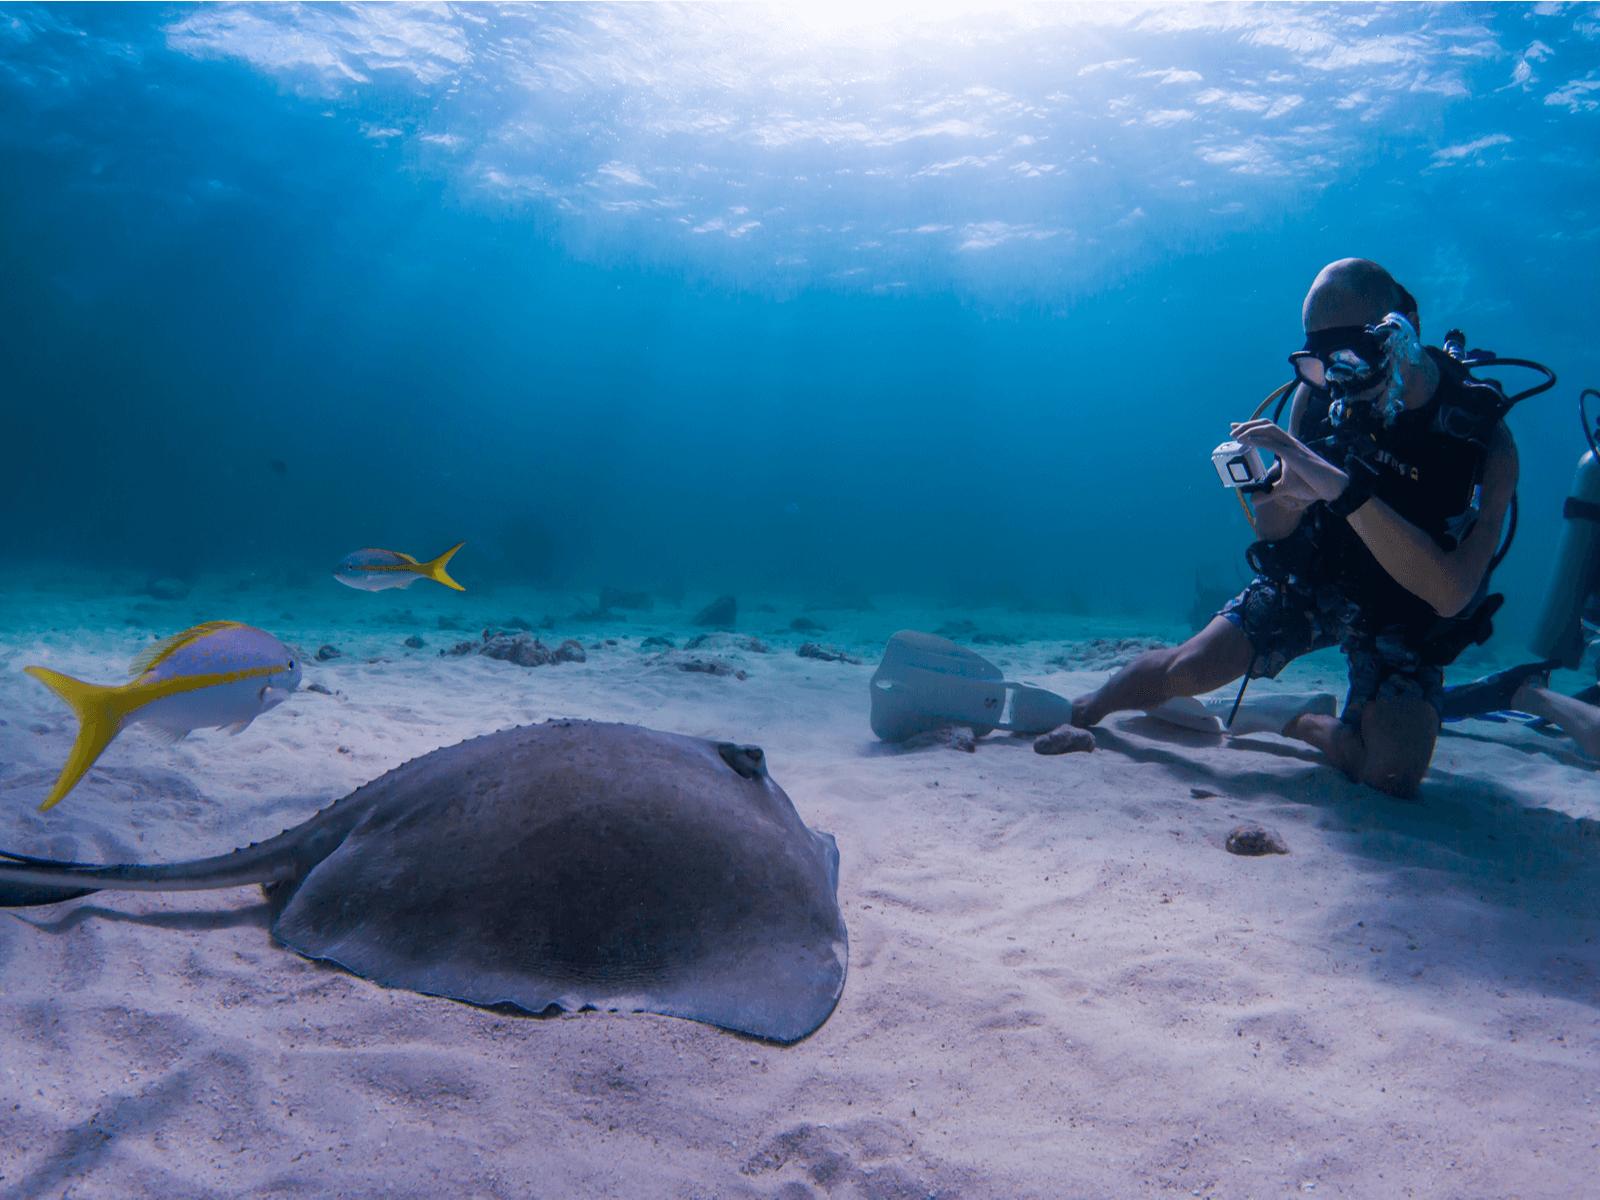 ダイビングにおすすめな水中カメラ7選!初心者が知っておきたい選び方と基礎知識